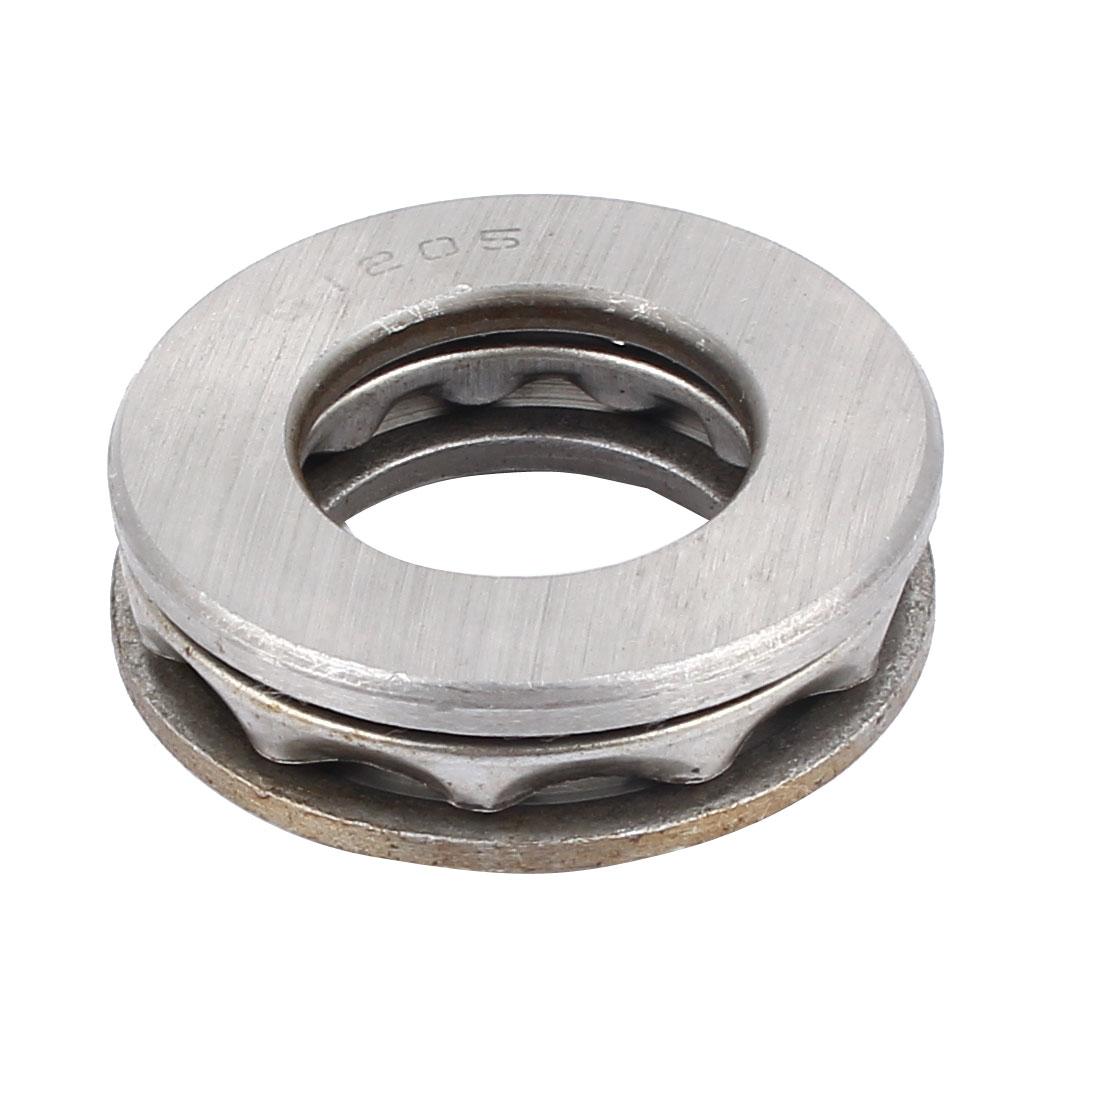 2 Pcs 51205 Axial Ball Single Thrust Bearing 47mm x 25mm x 15mm Silver Gray